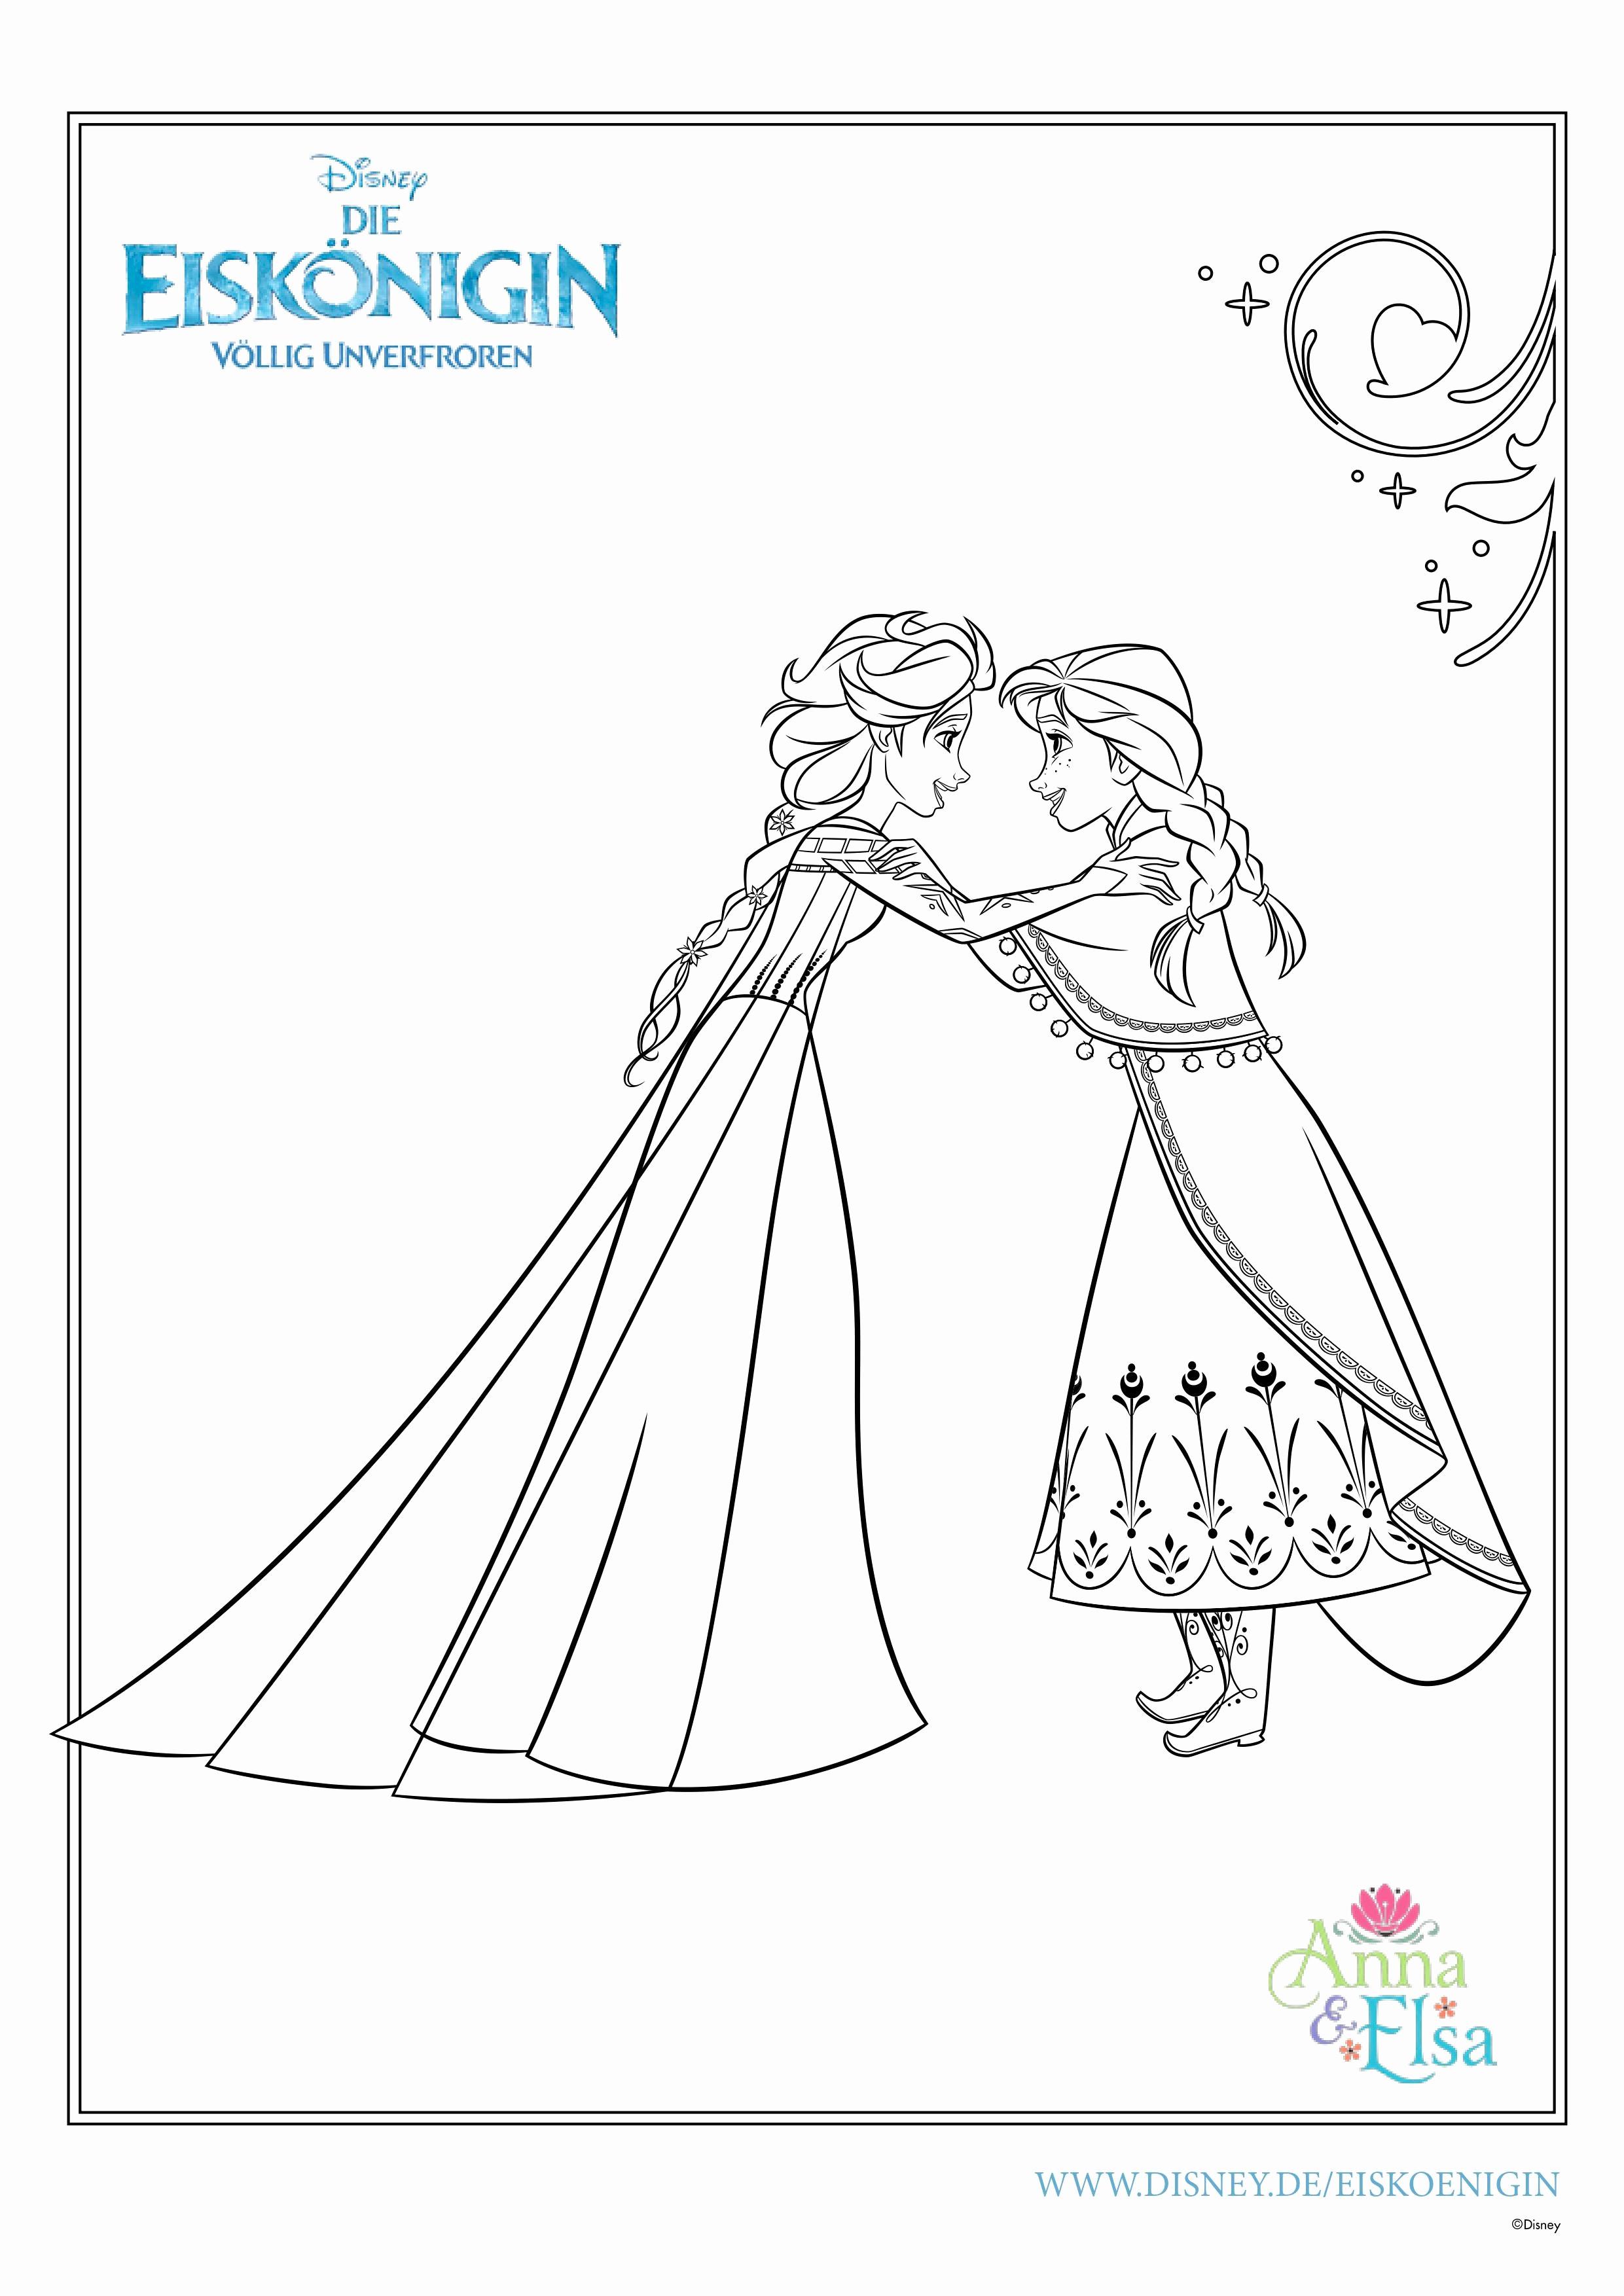 Ausmalbilder Disney Zum Ausdrucken Frisch Anna Und Elsa Ausmalbilder Zum Ausdrucken Neu Ausmalbilder Fotografieren